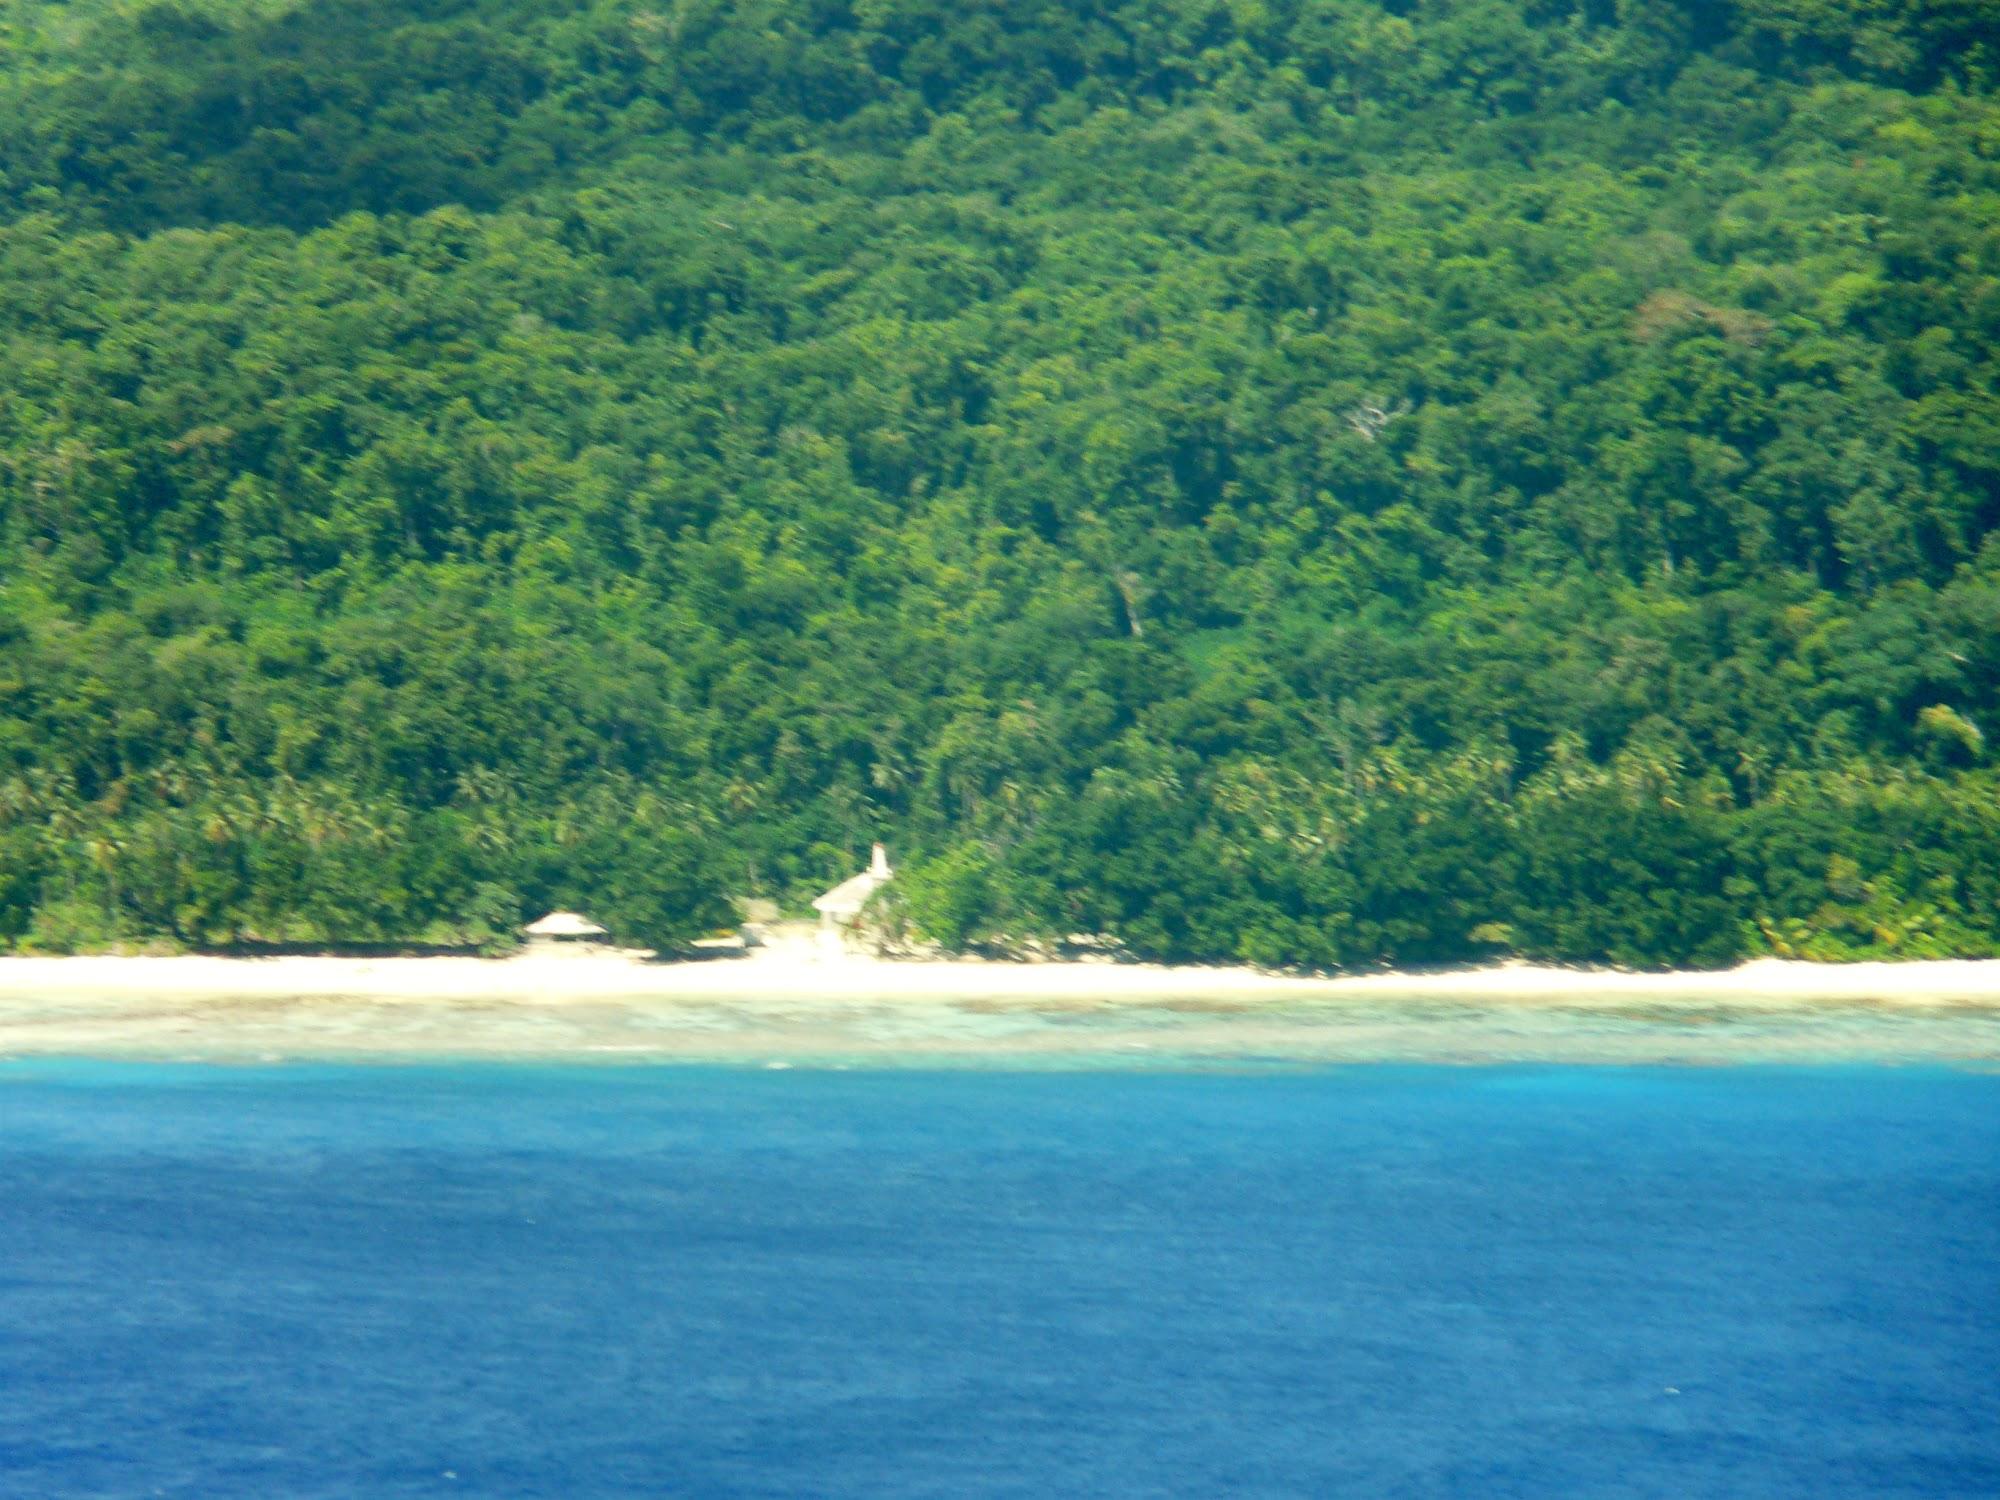 Reisinformatie Wallis en Futuna